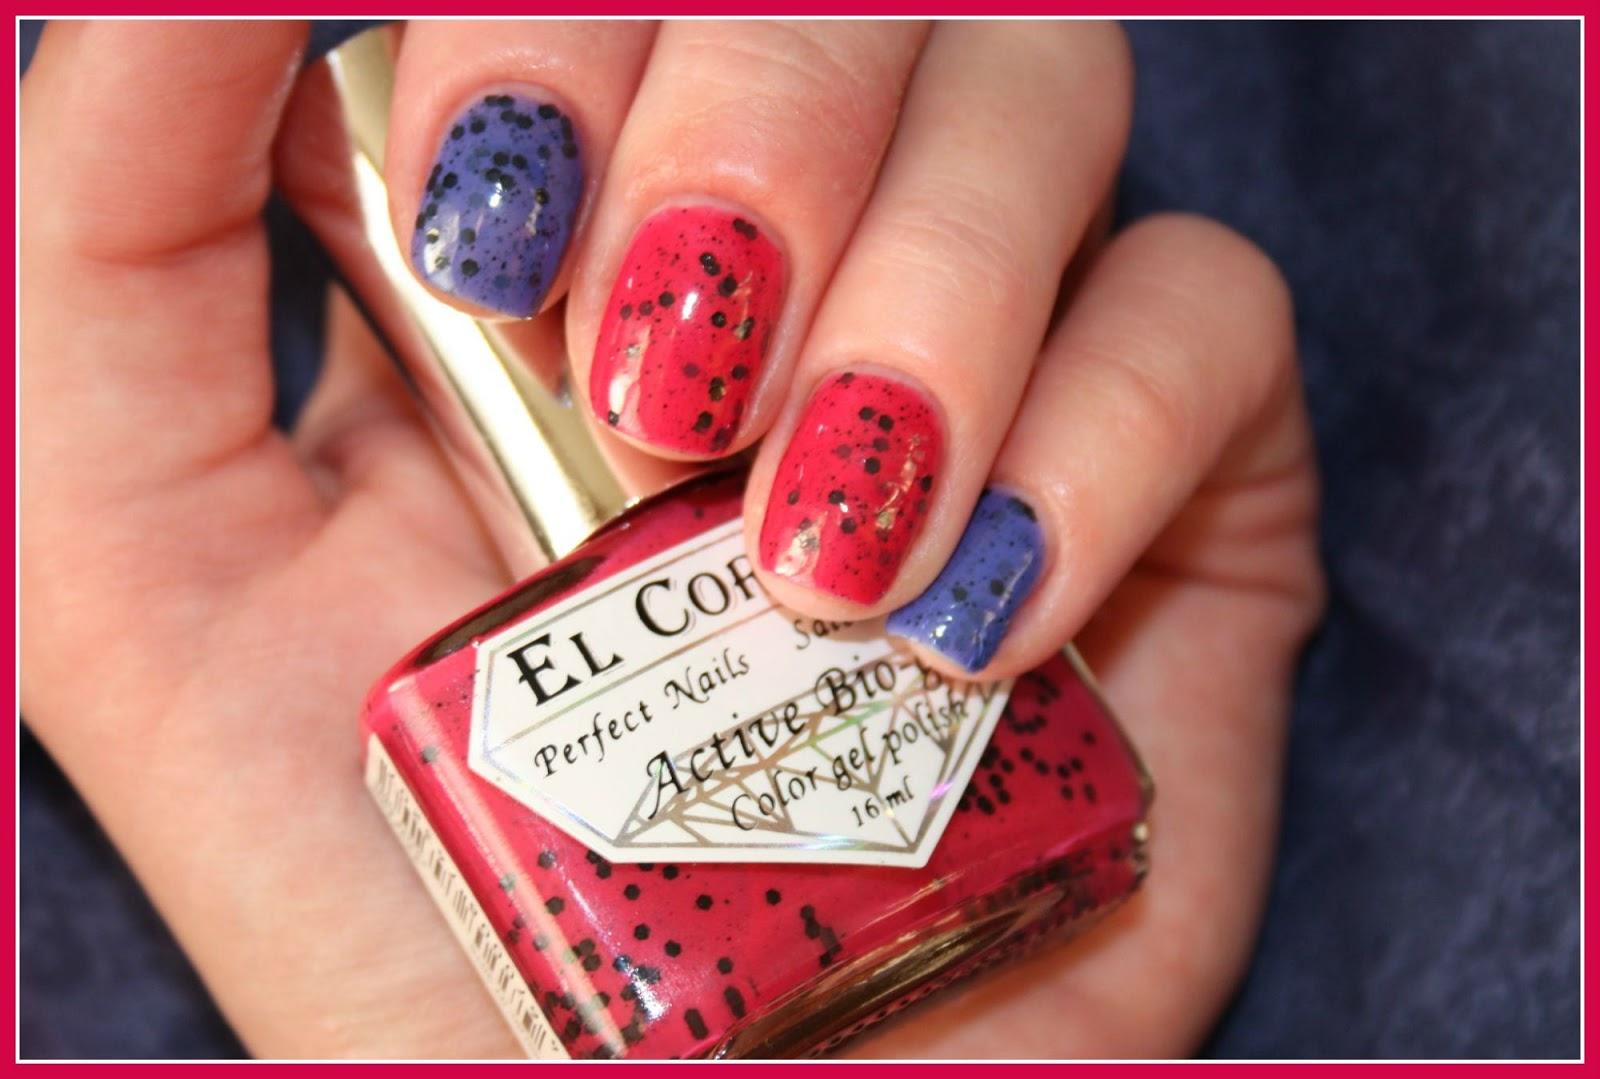 Ногти накрашены по феншую фото